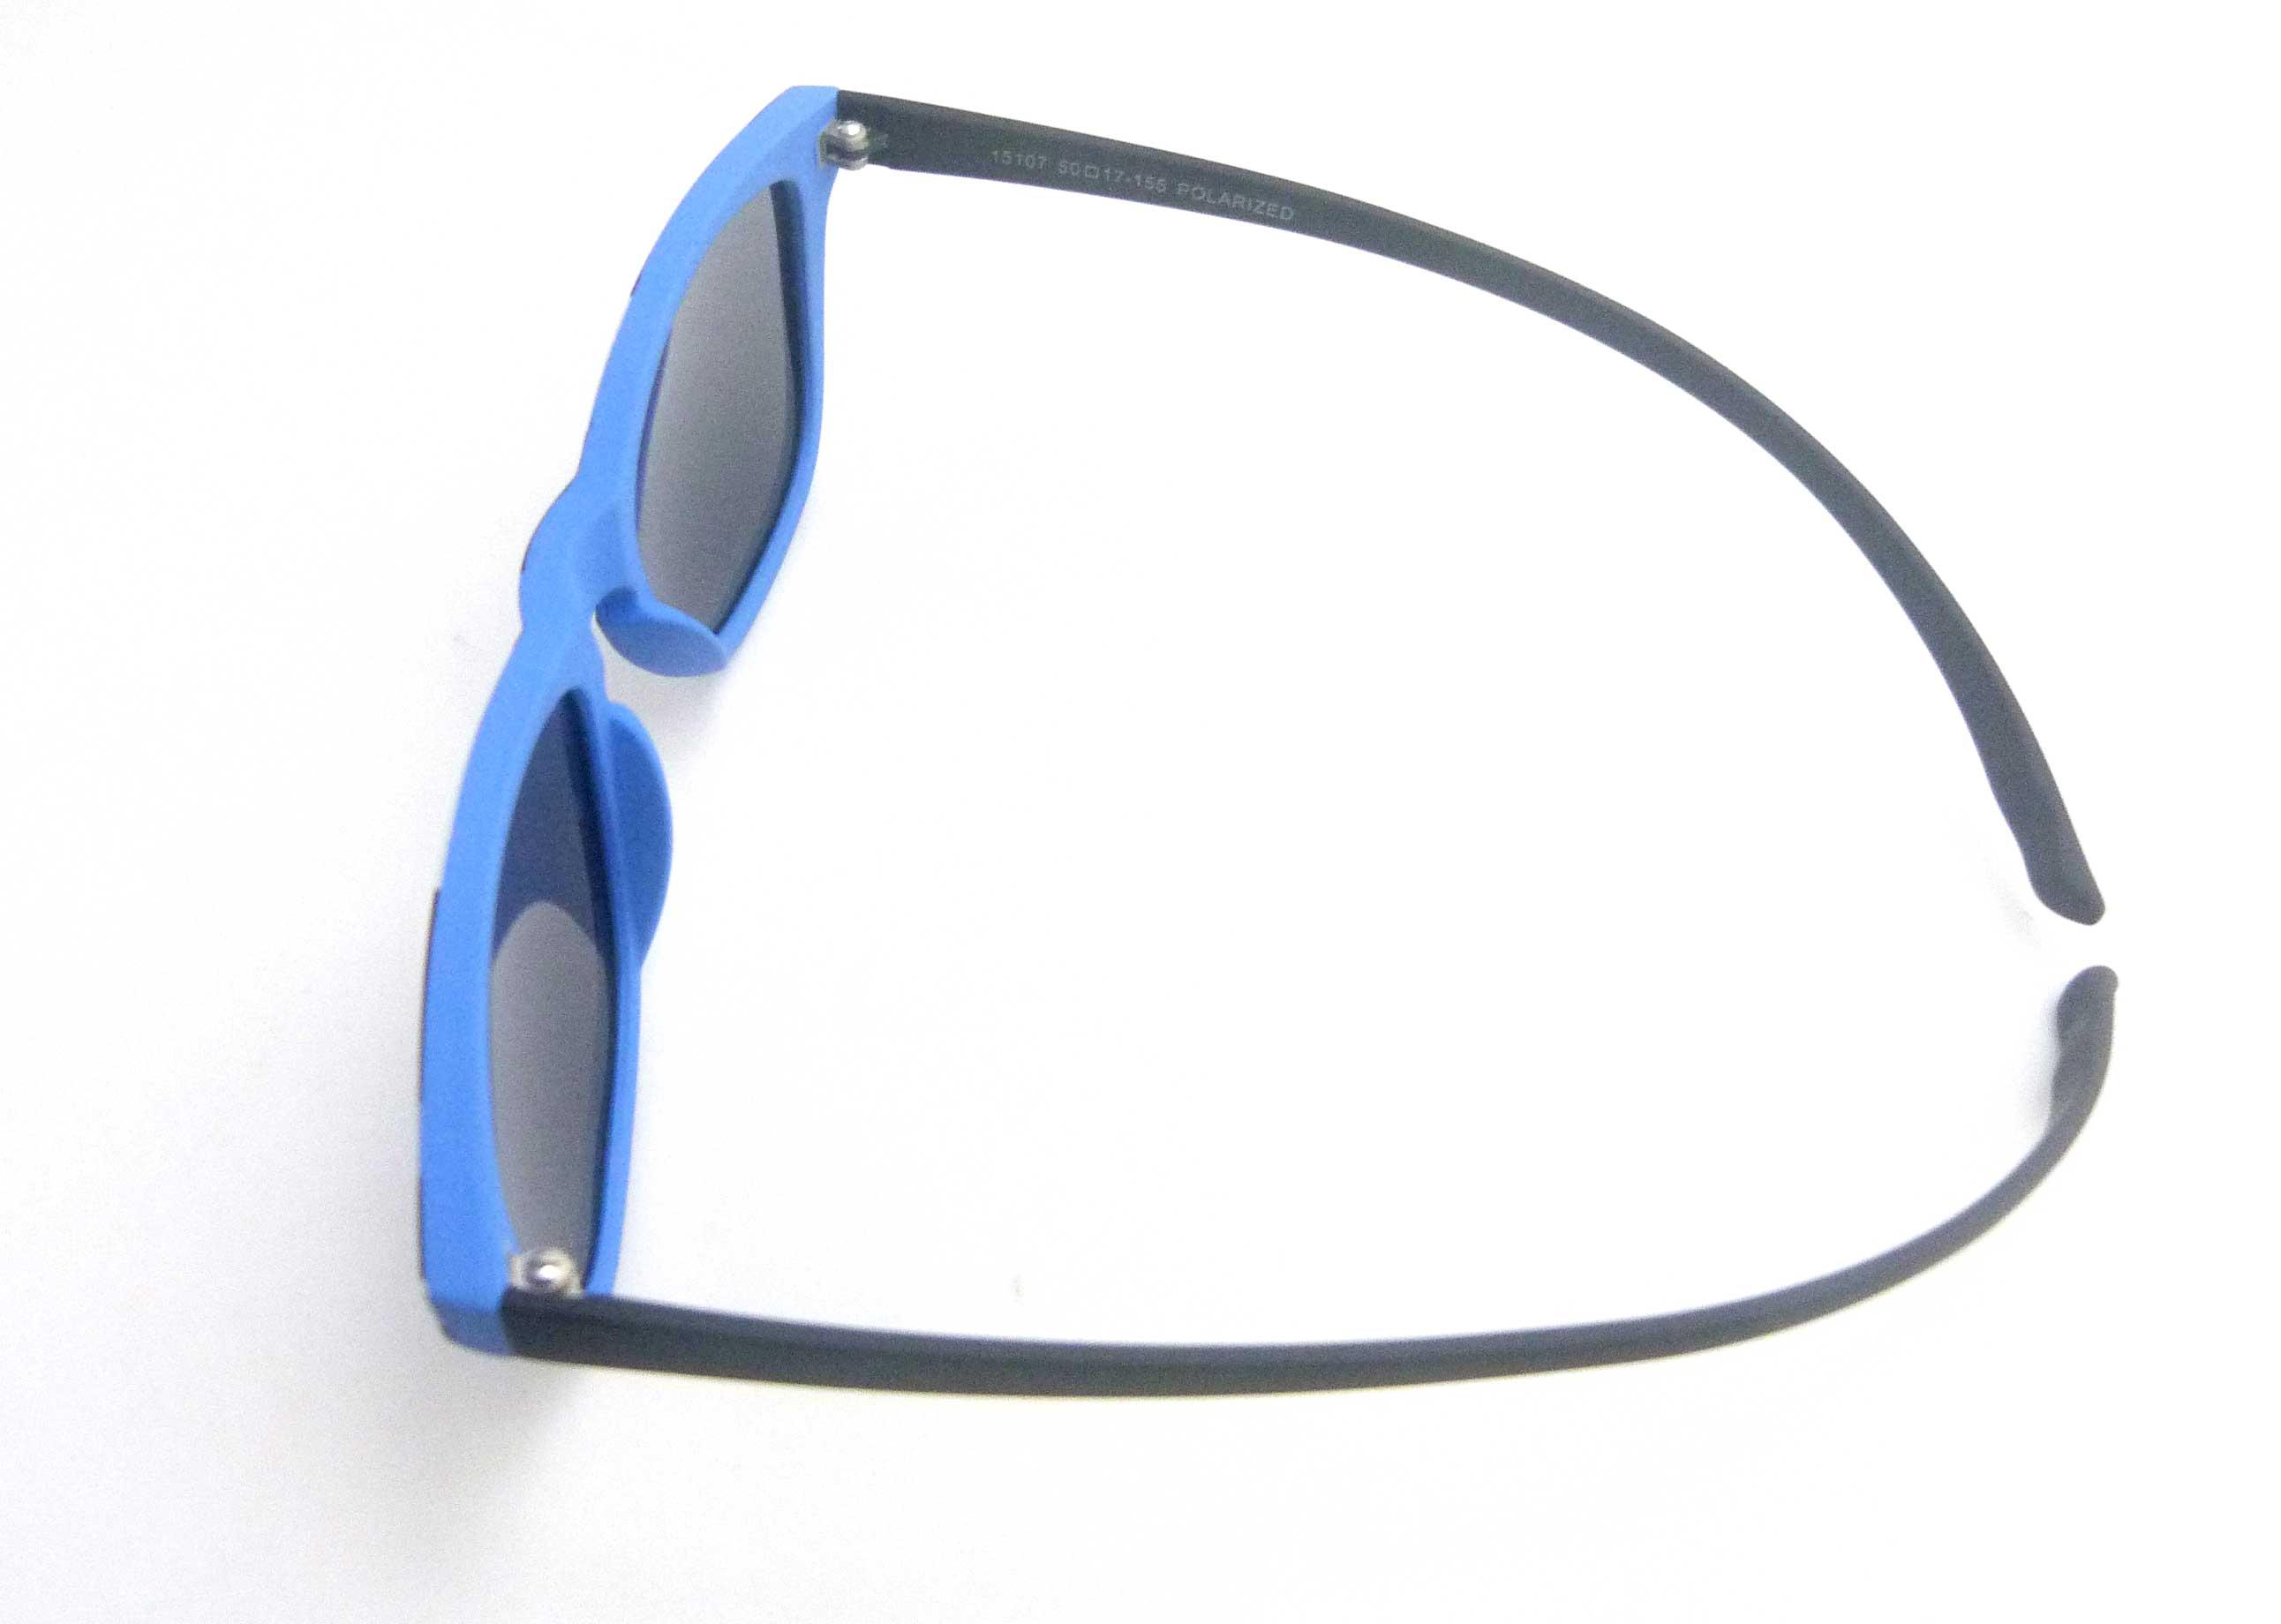 0215111 - Óculos-Solar CS Koala Camuflado 49x17 Azul Mod 15111 FLAG 9 - Contém 1 Peça